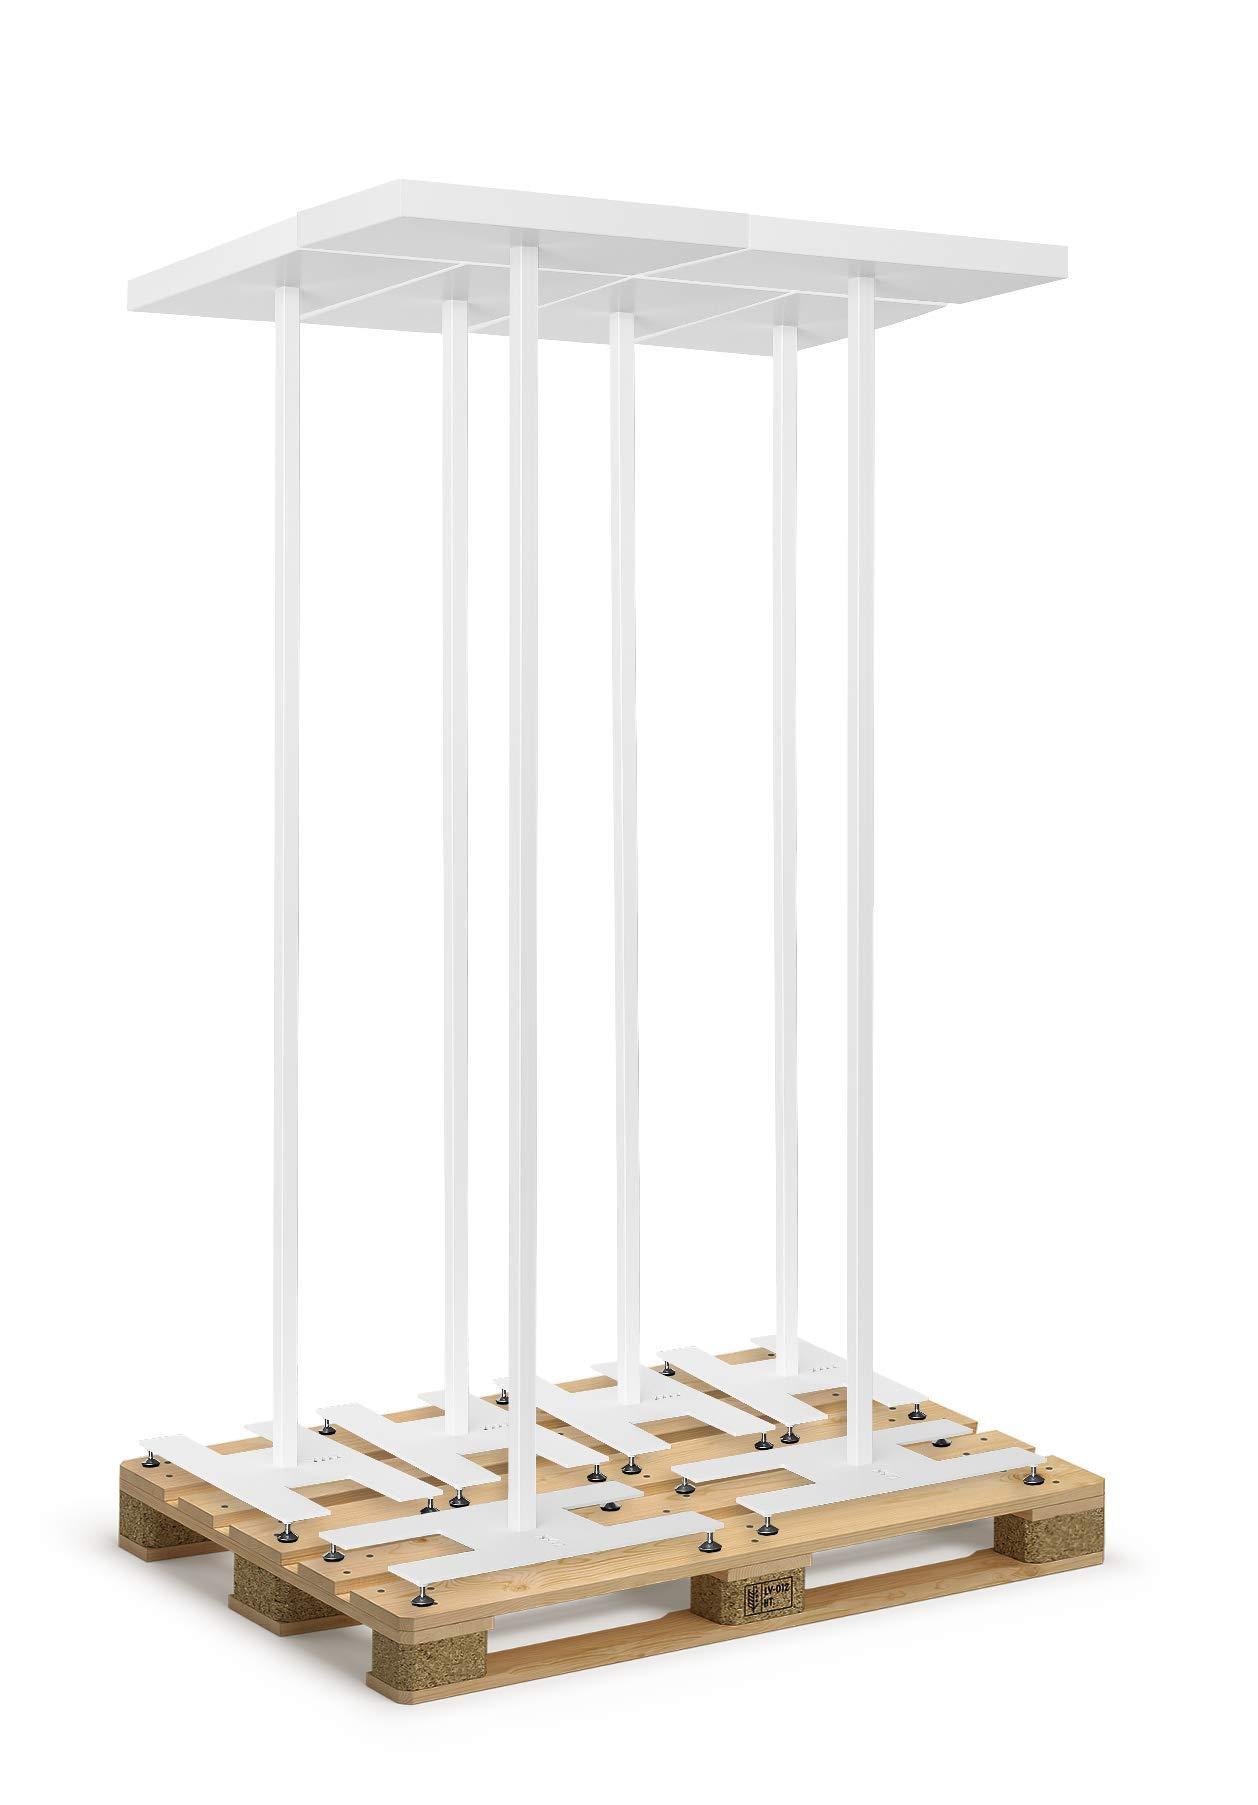 ZYXX T-ONE, 6 focos de techo LED, lámparas de pie ergonómicas, lámparas de pie (blancas) para 499 €: Amazon.es: Iluminación